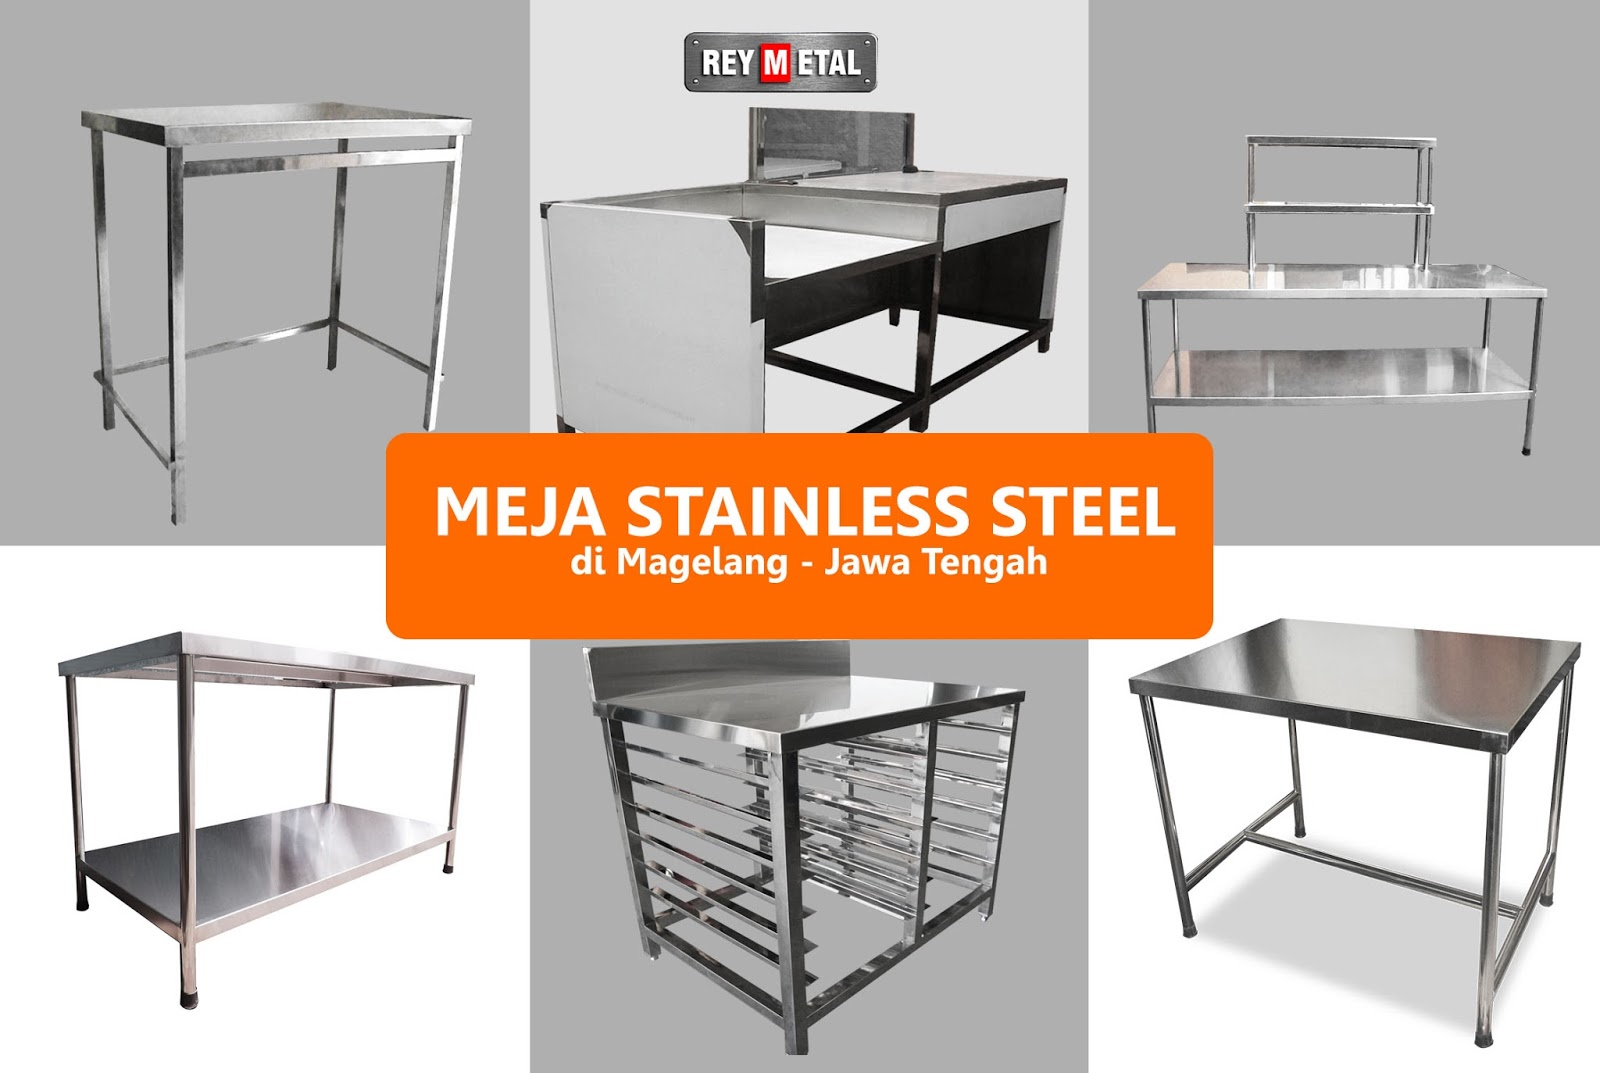 Jual Meja Dapur Stainless Murah Steel Di Magelang